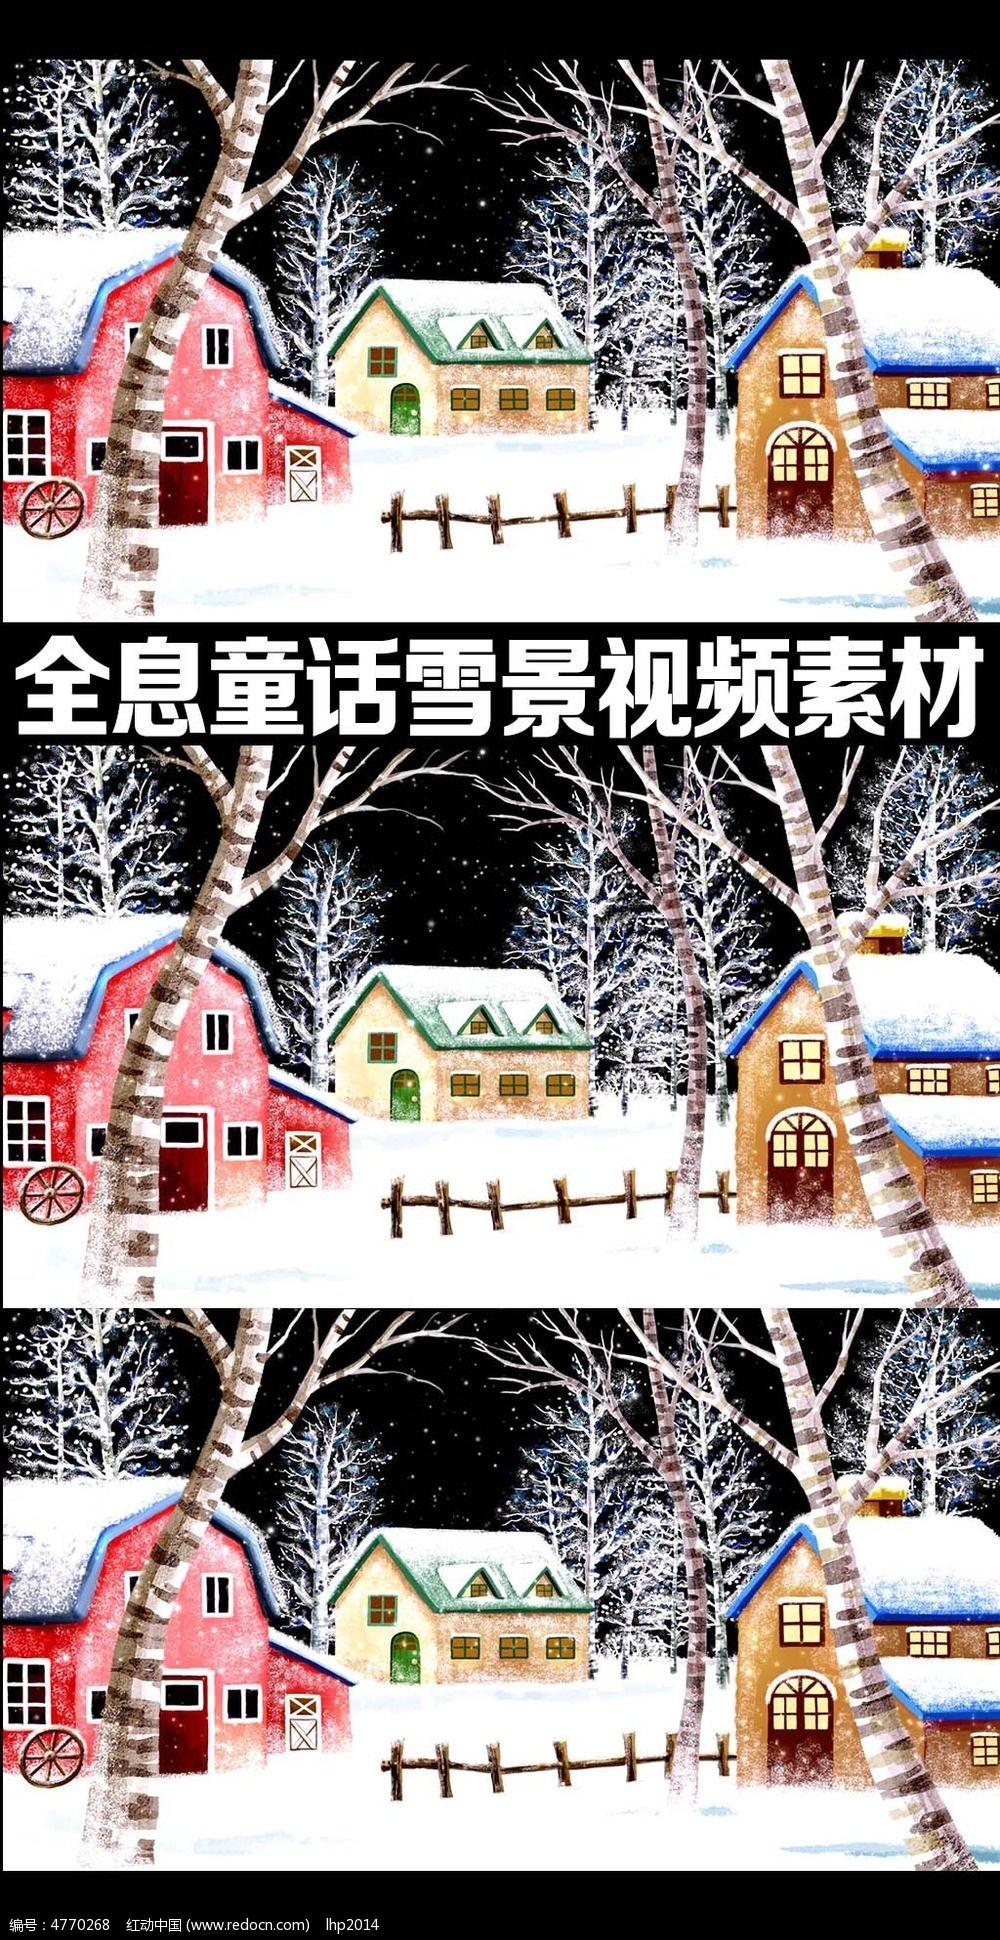 全息童话雪景视频素材图片